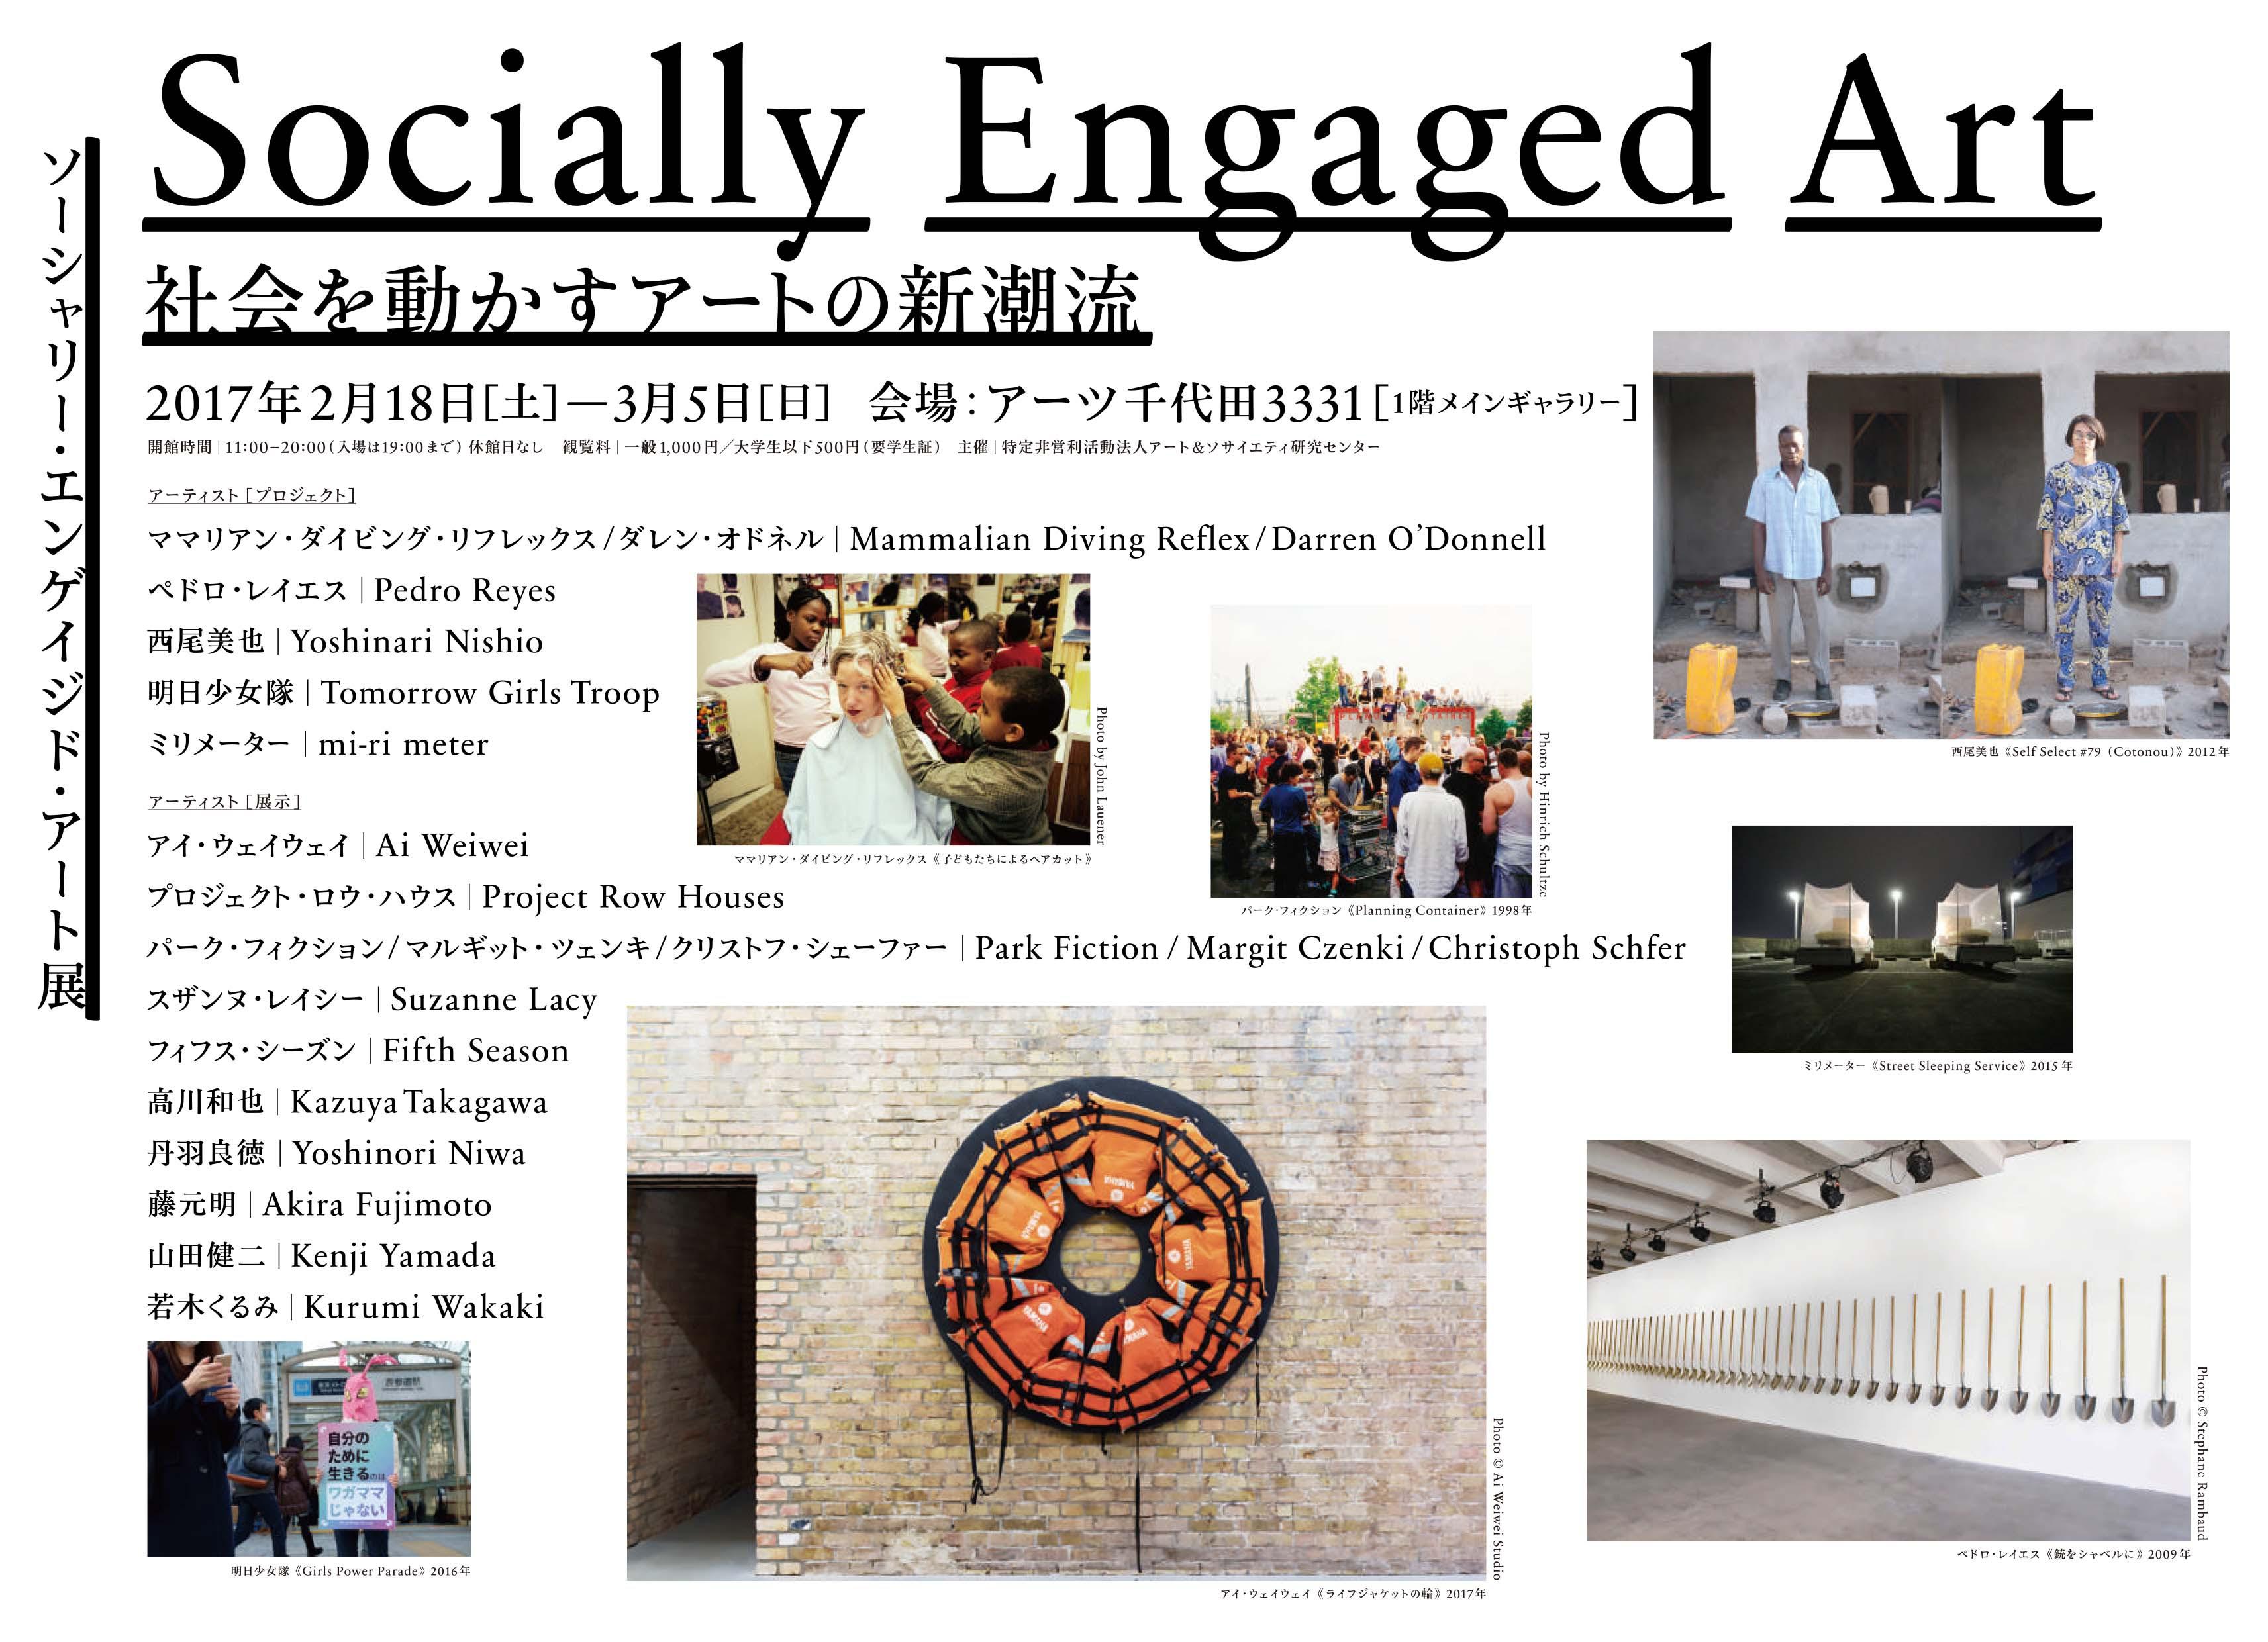 日本で初めての本格的なSEAの展覧会 Socially Engaged Art: 社会を動かすアート